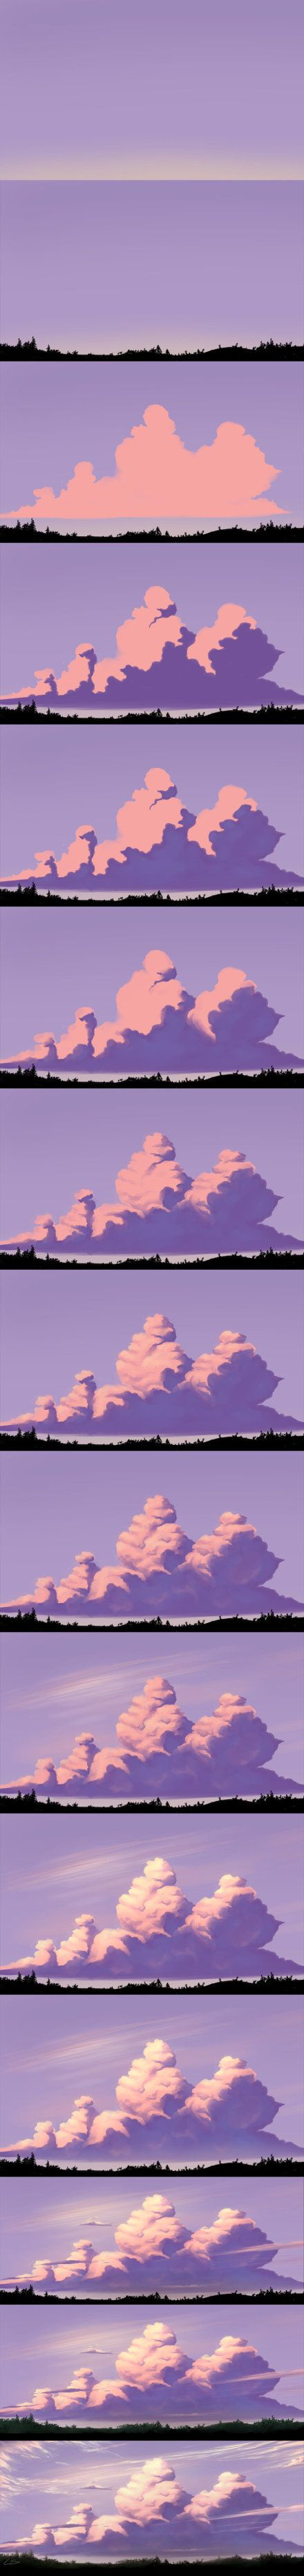 云的绘制过...来自MochaNee的图片分享-堆糖